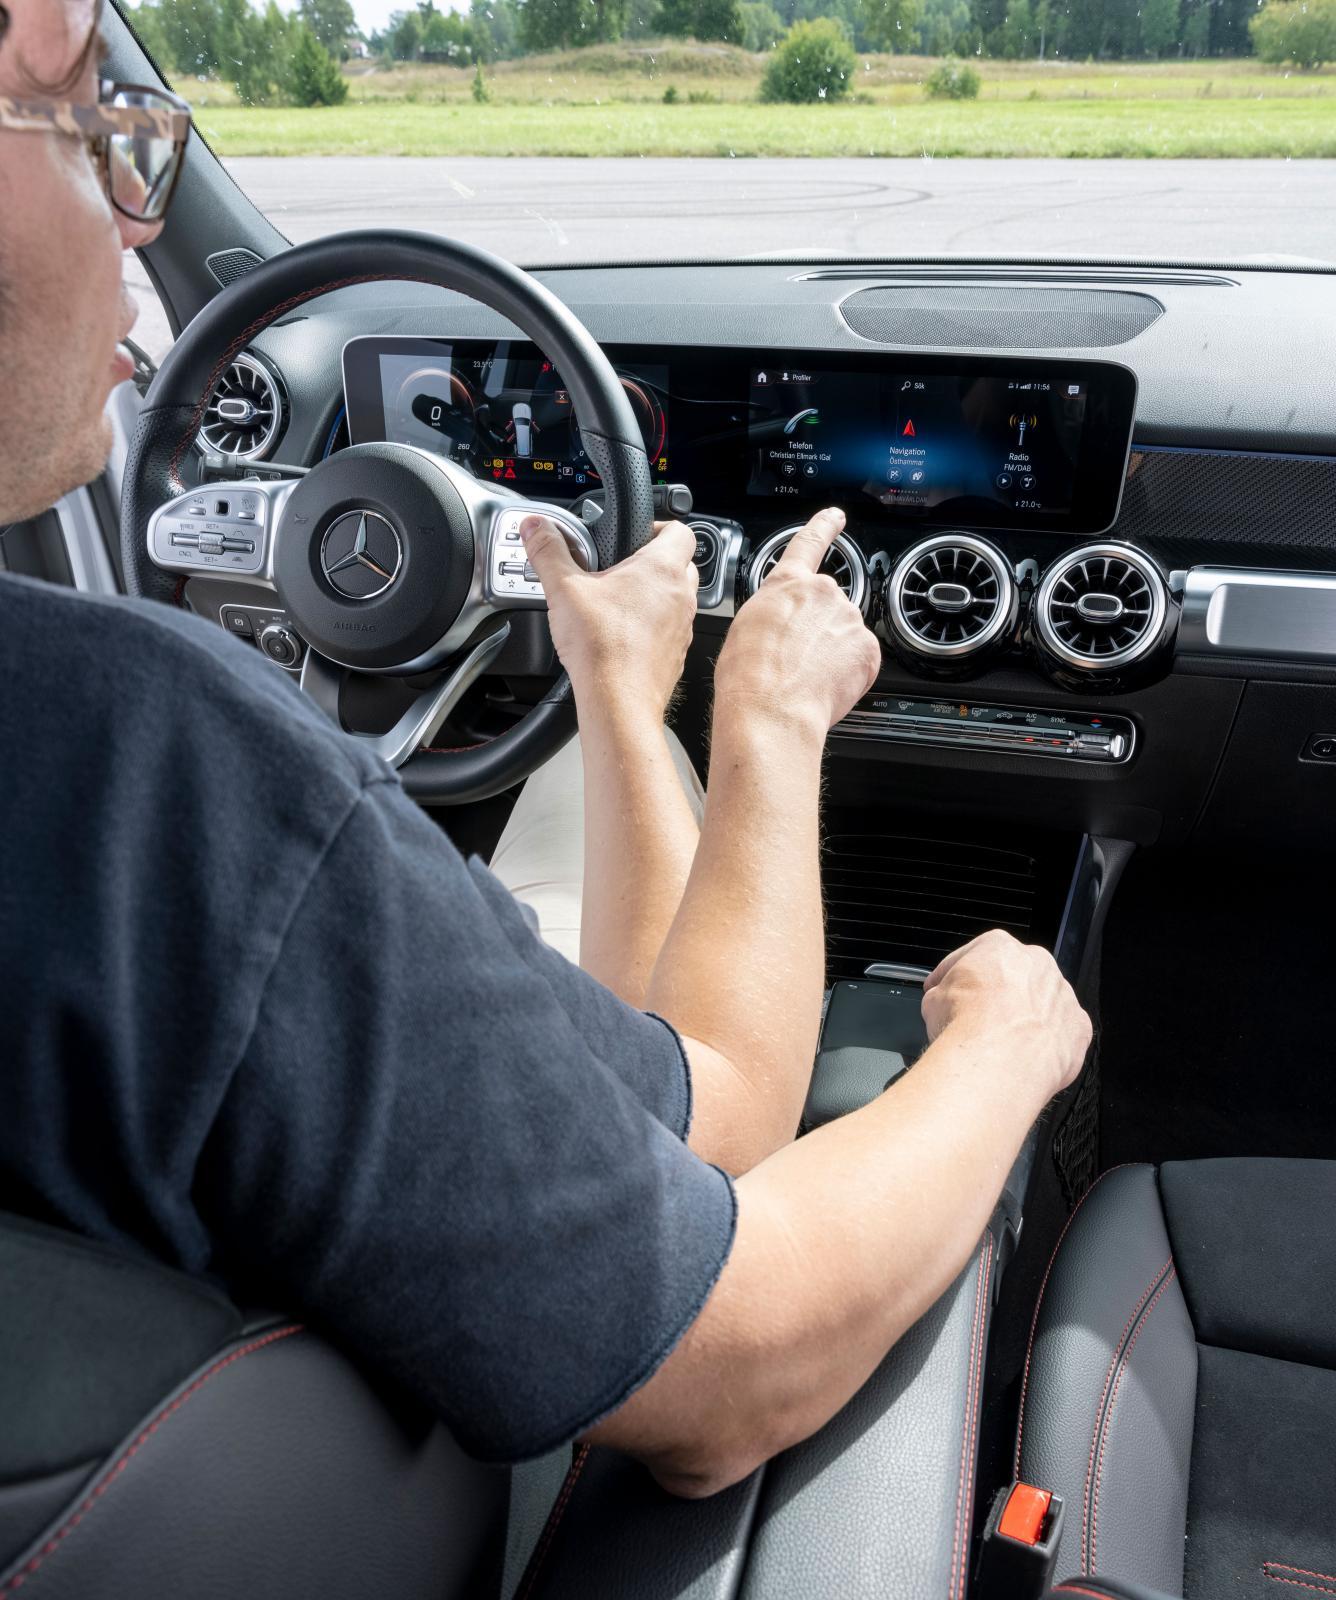 Multimedia i GLB kan skötas på fyra sätt: knappar i ratten, rösten, styrplatta mellan stolarna och från pekskärmen. Det är overkill.